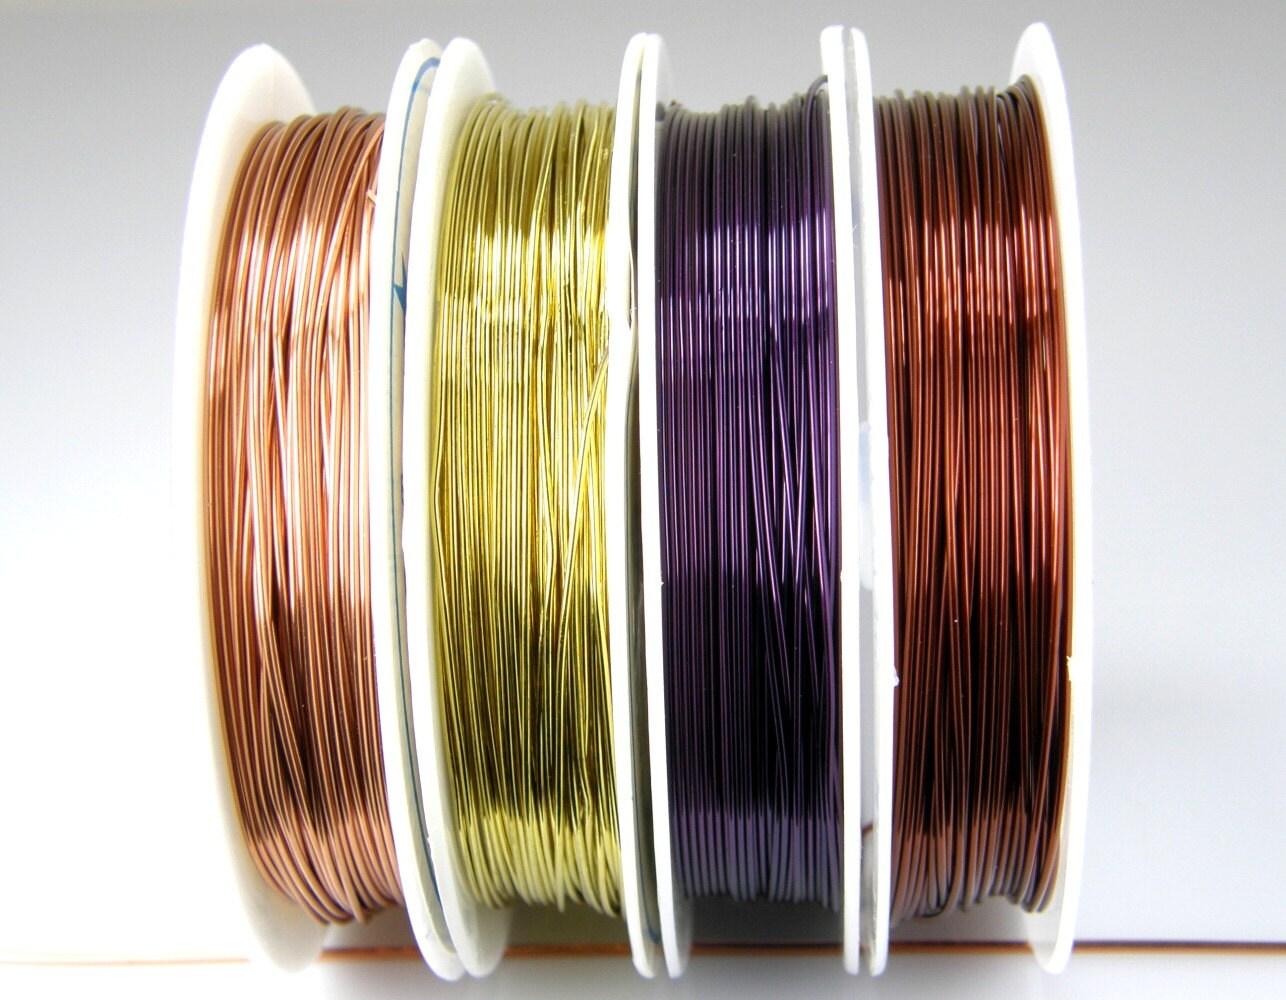 22 Gauge farbige Kupfer Draht für Wire Wrapping Schmuckdraht